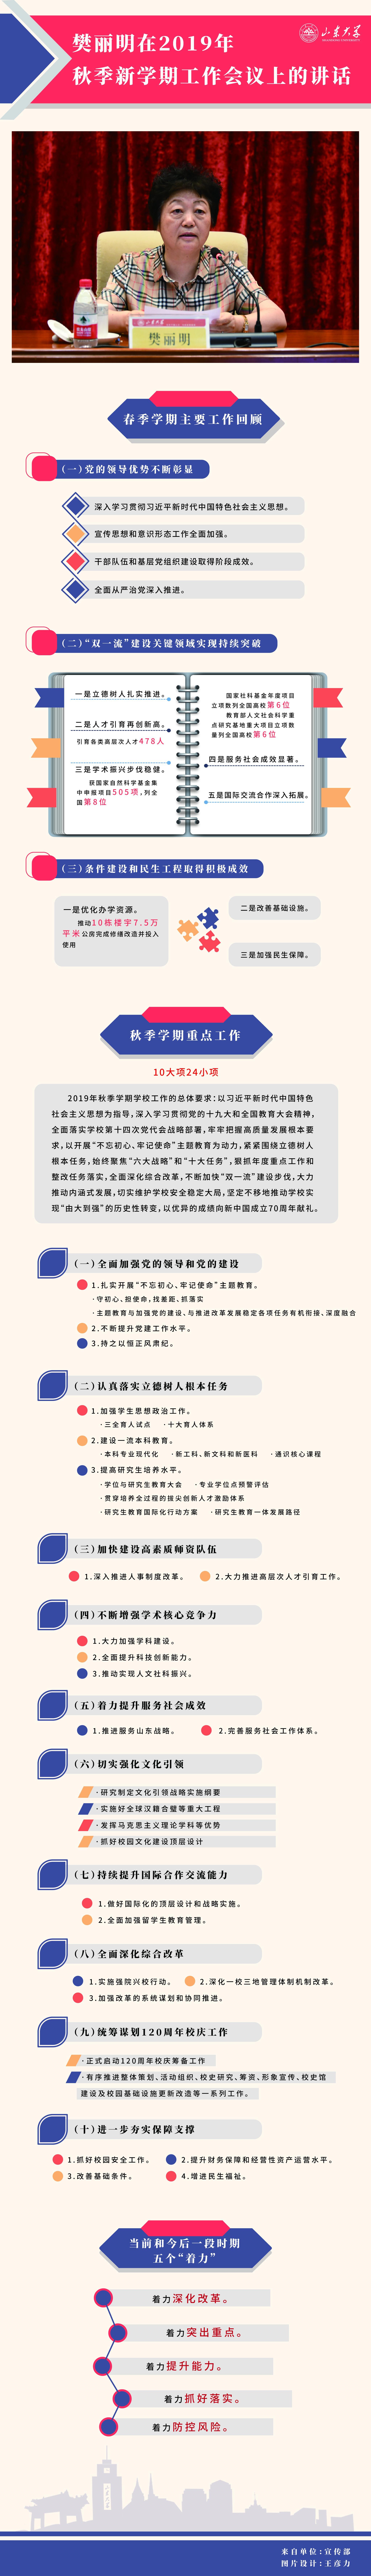 一图解读:樊丽明在2019年秋季新学期工作会议上的讲话